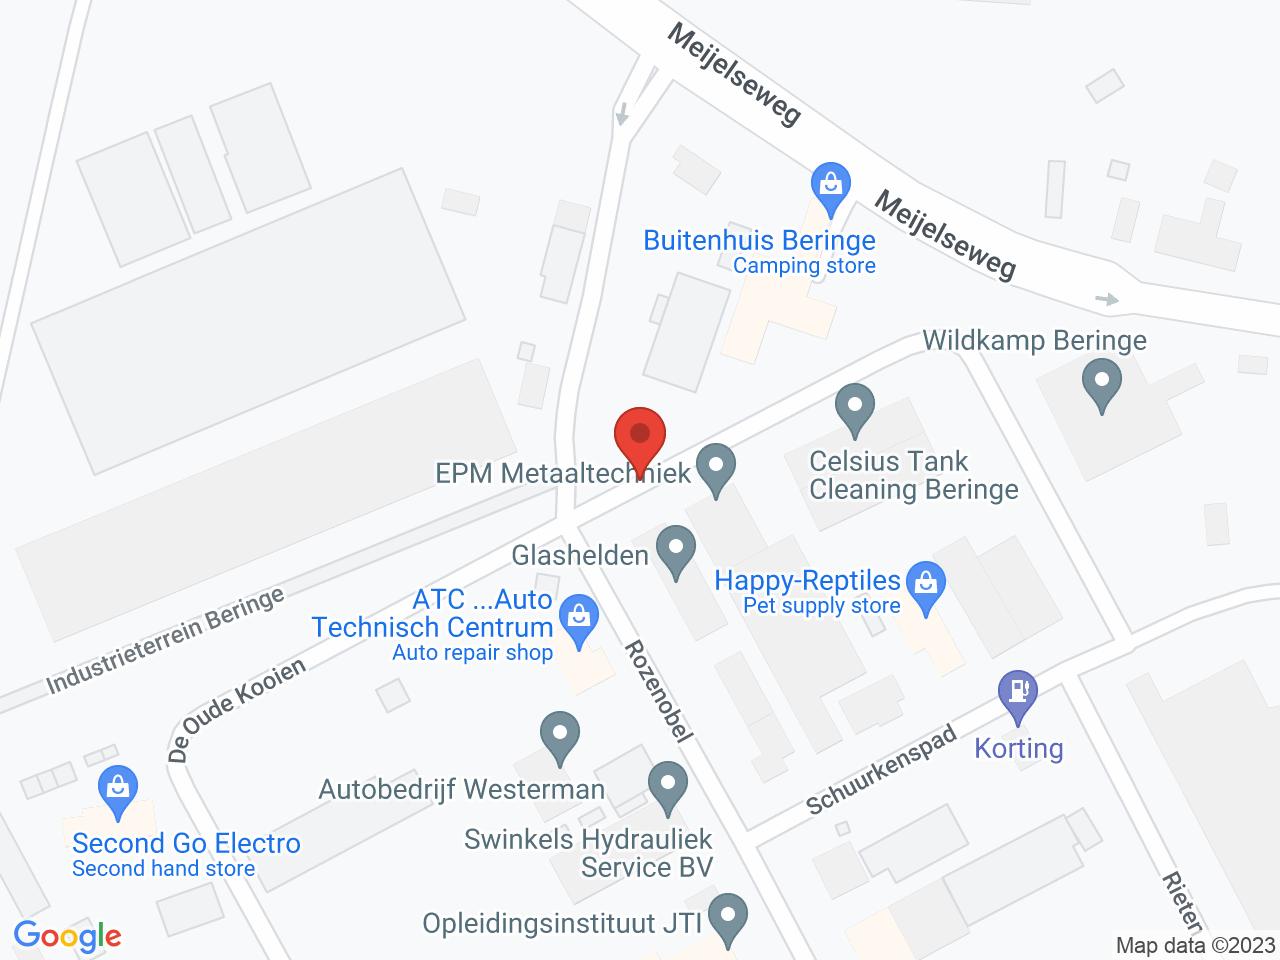 Industrieterrein Beringe op een kaart getoond.